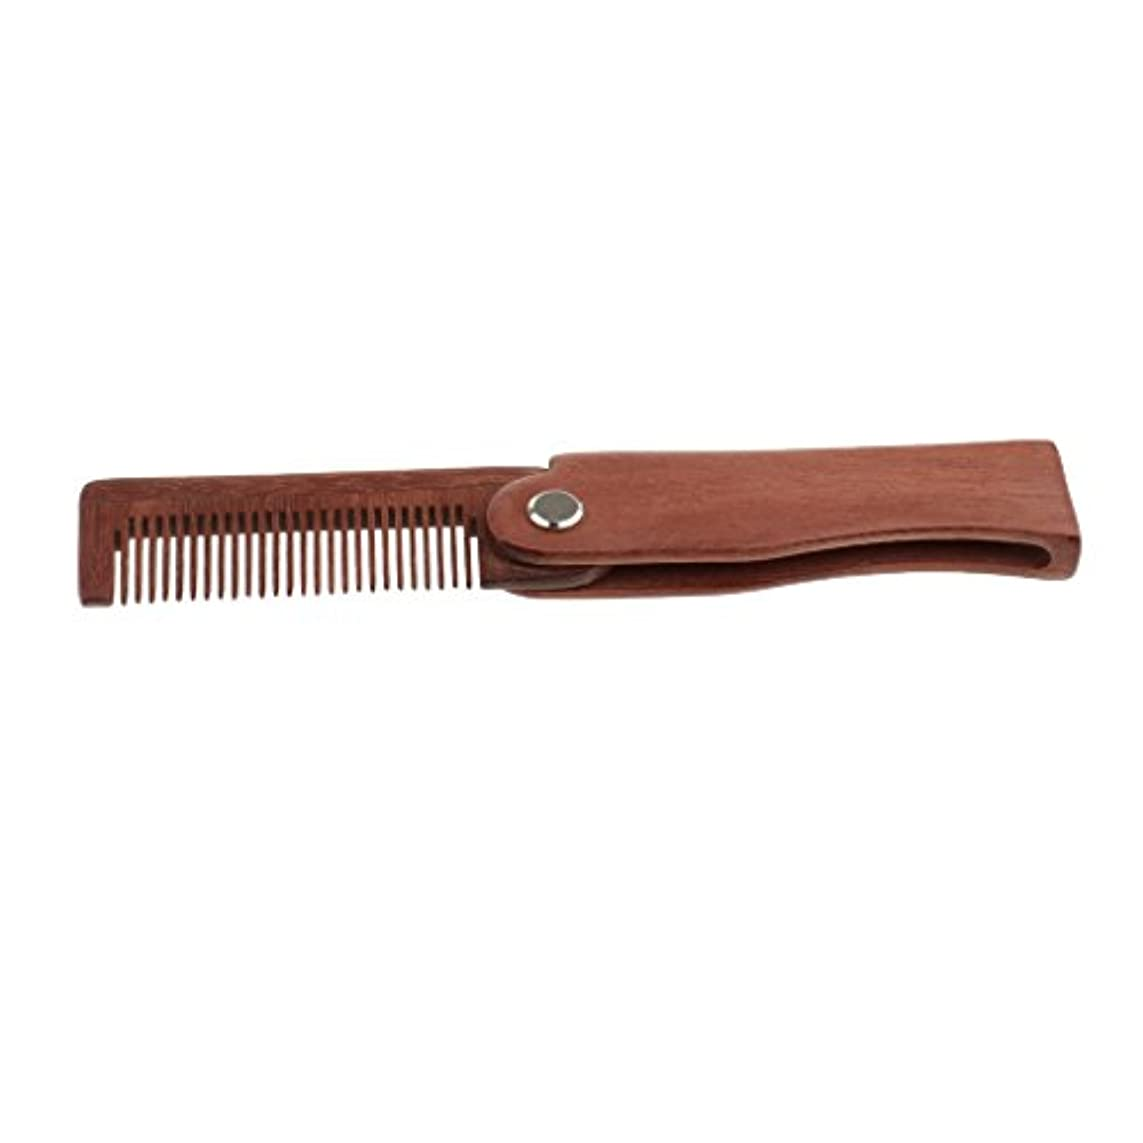 失業上上折り畳み 毛ひげの櫛 ブラシ 木製 ひげ剃り櫛 男性 旅行 外出 便利グッズ ポケットサイズ